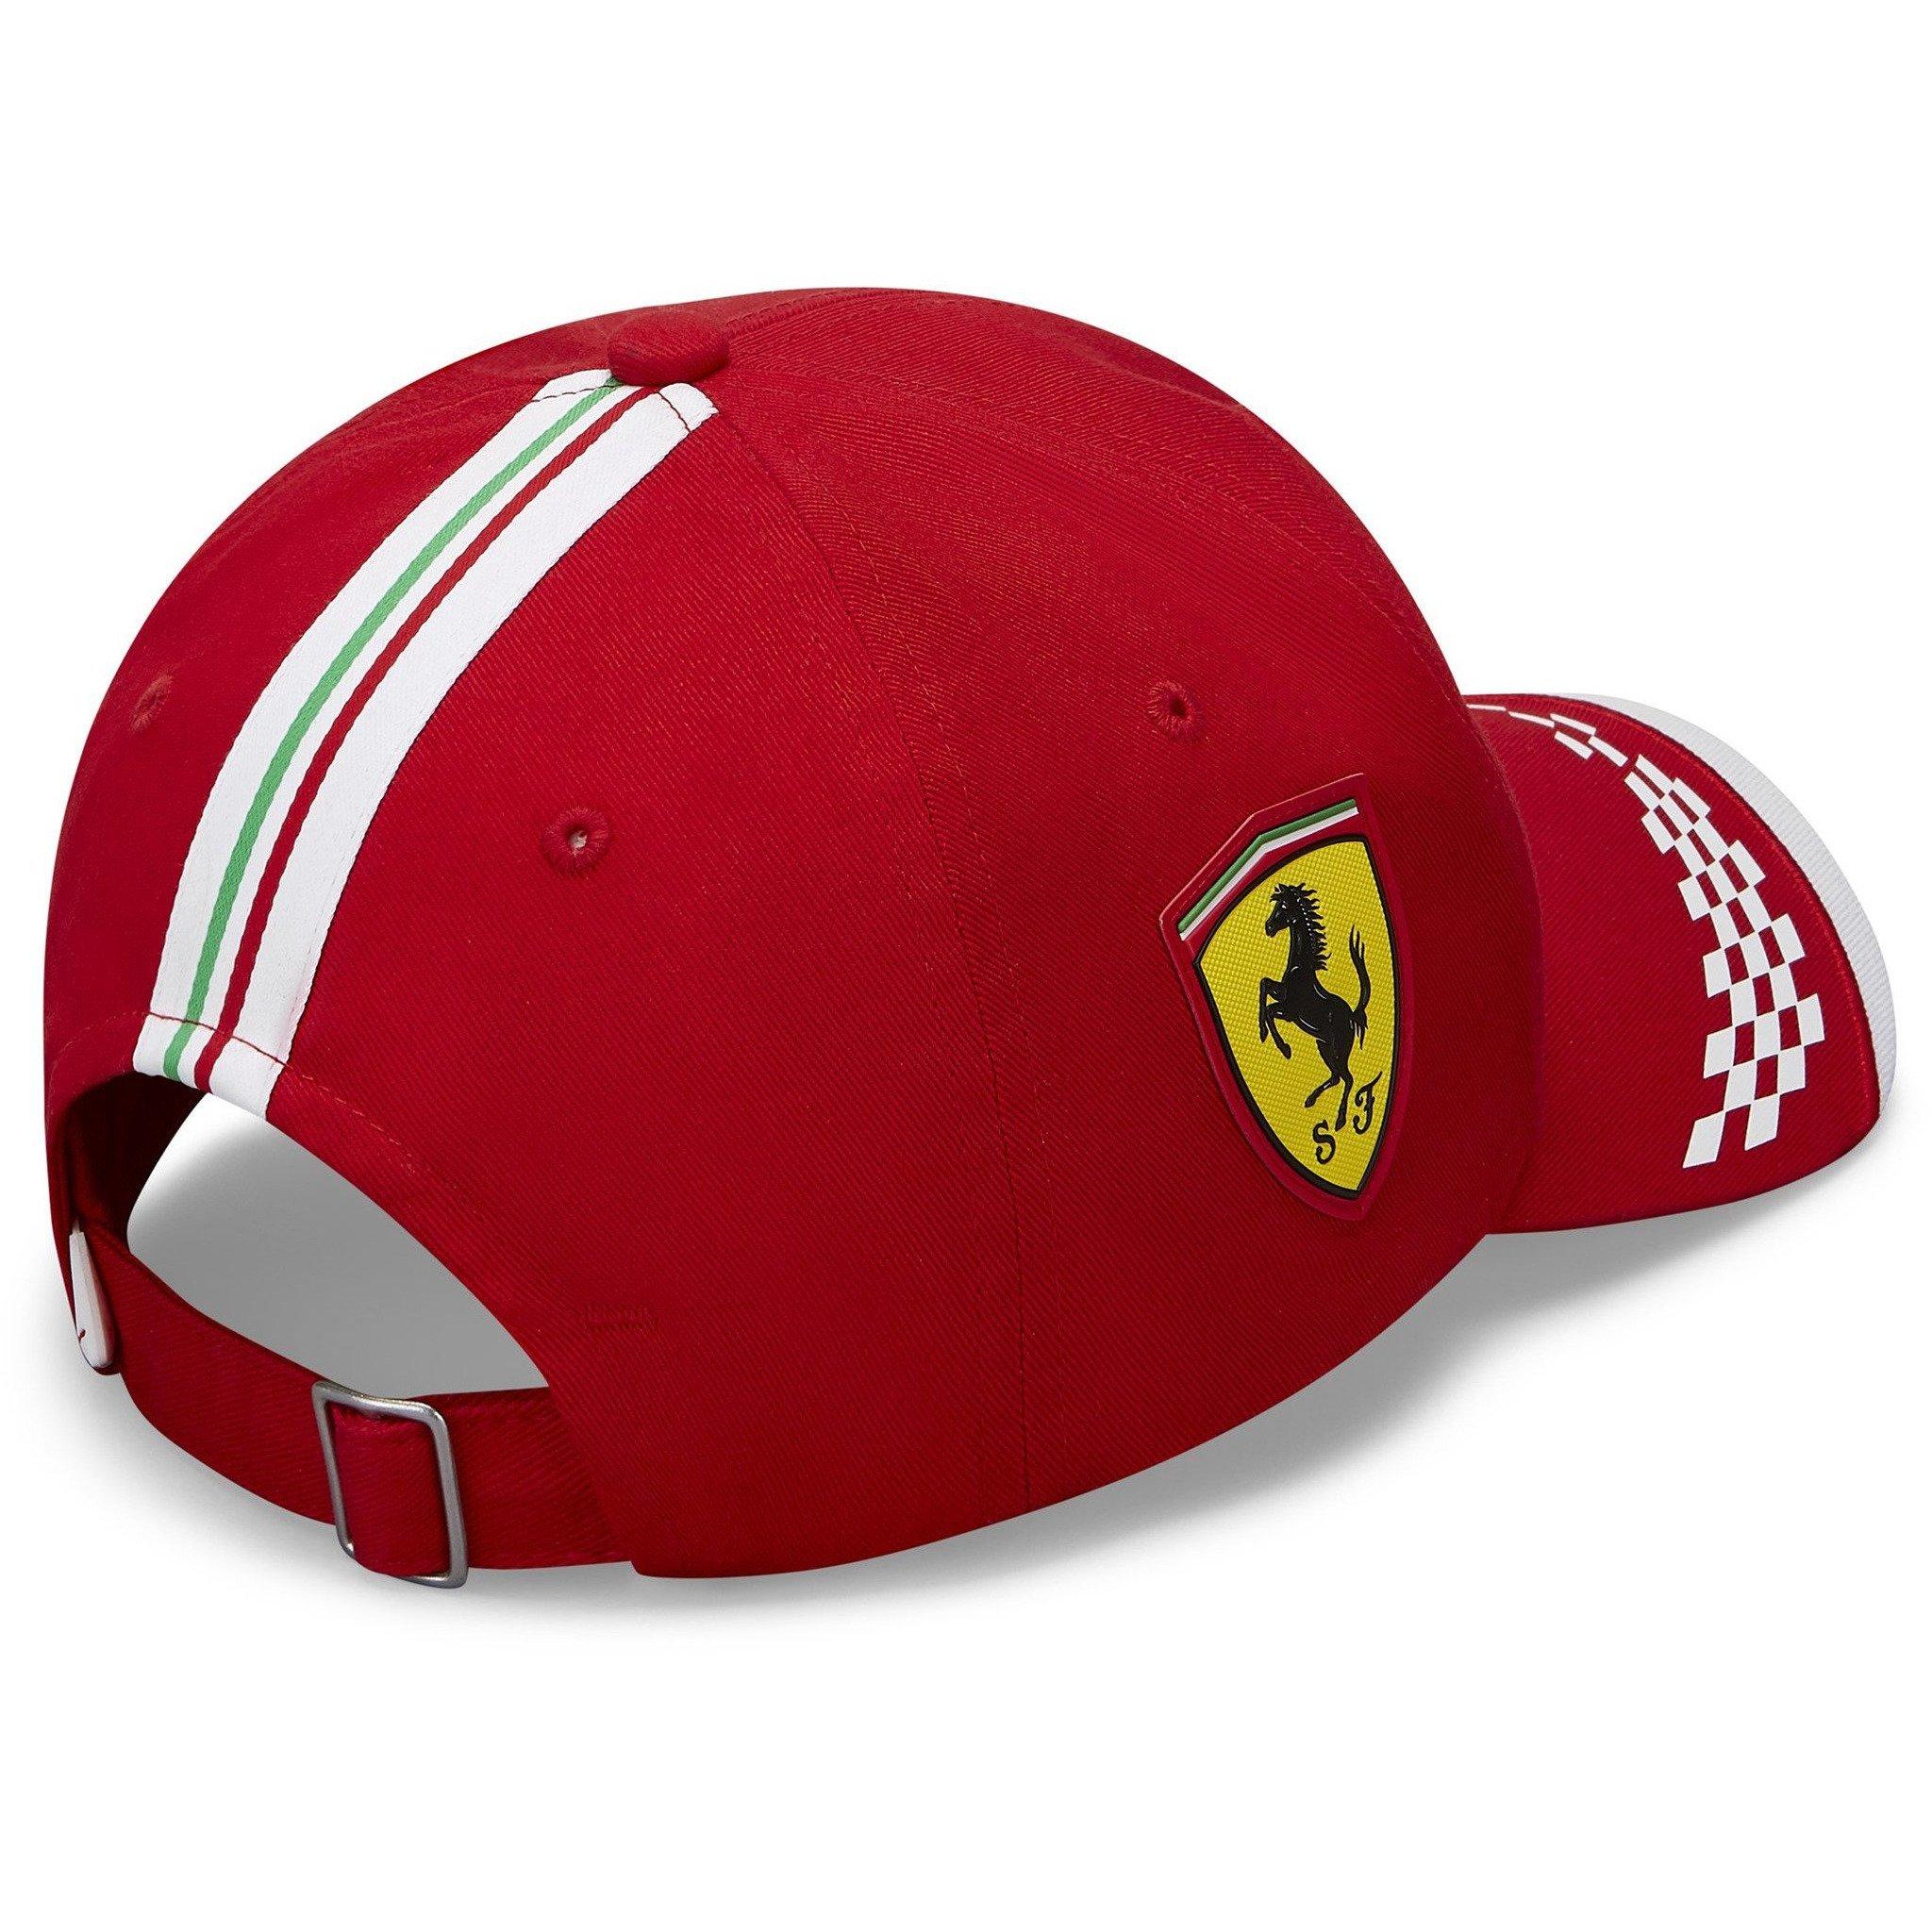 Ferrari_Team cap 20/21